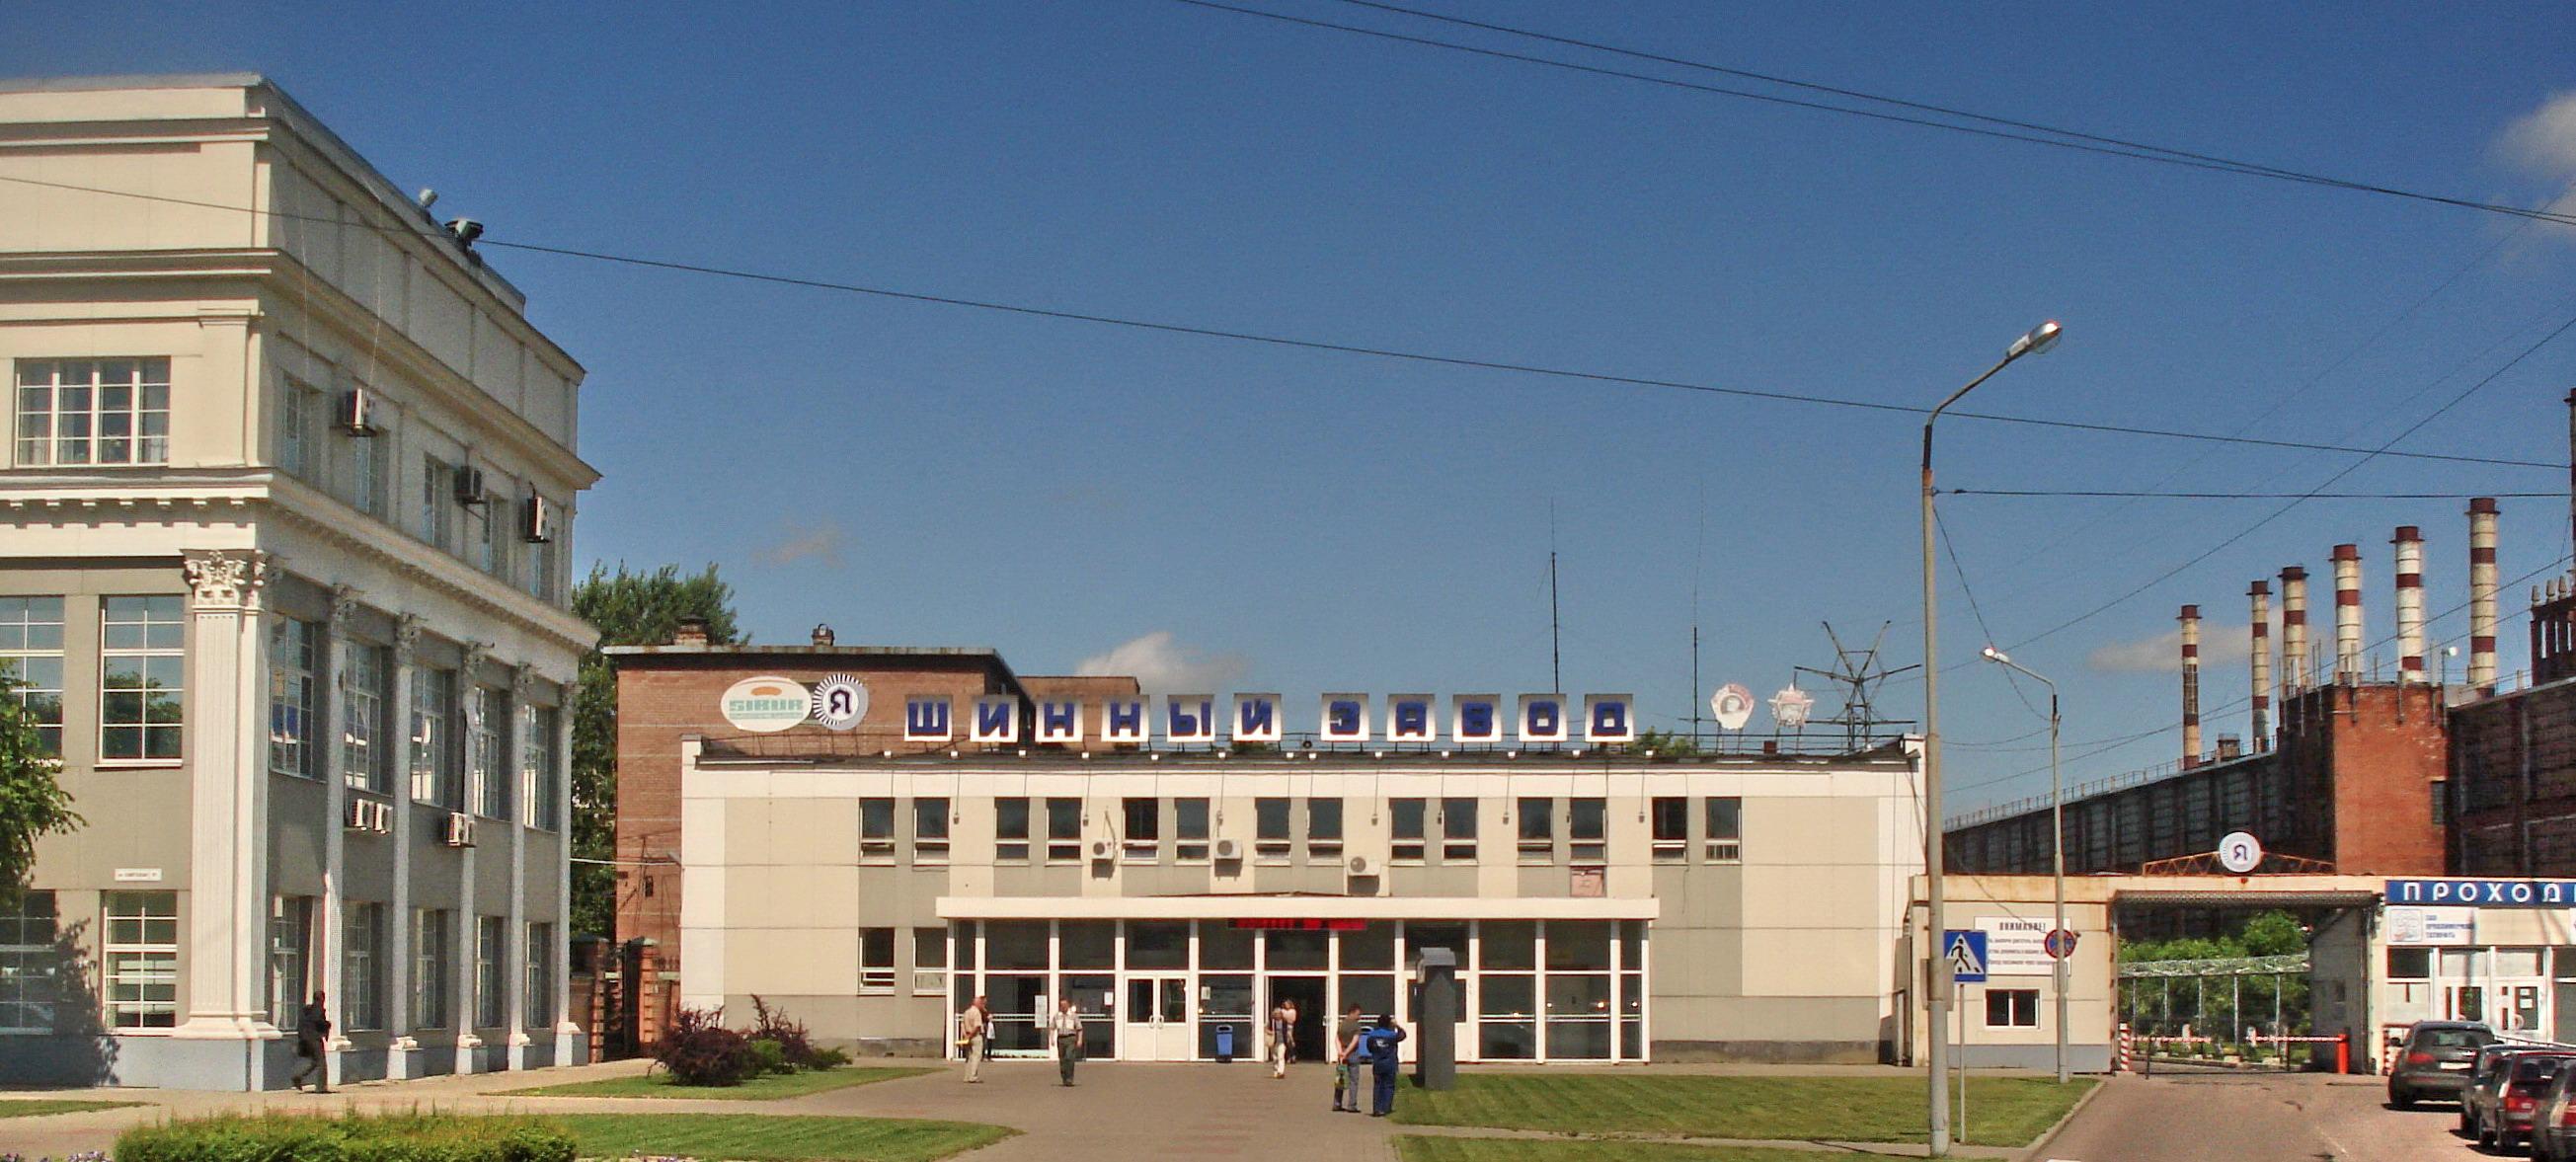 Погода в Ярославле  turvolganarodru